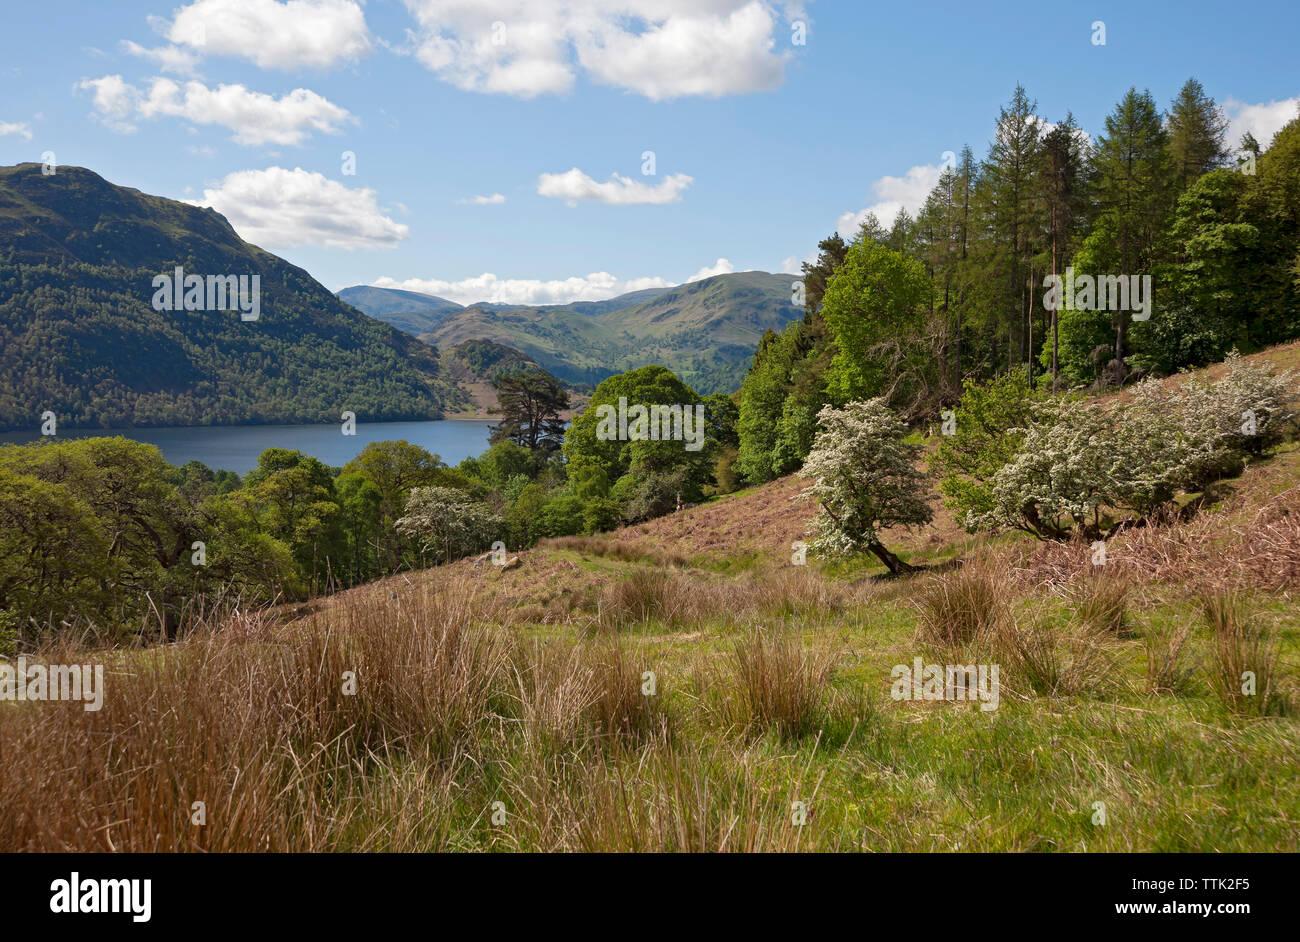 Mirando a través de Ullswater hacia el lugar cayó el Parque Nacional del Distrito de los lagos de Cumbria Inglaterra Reino Unido GB Gran Bretaña Foto de stock